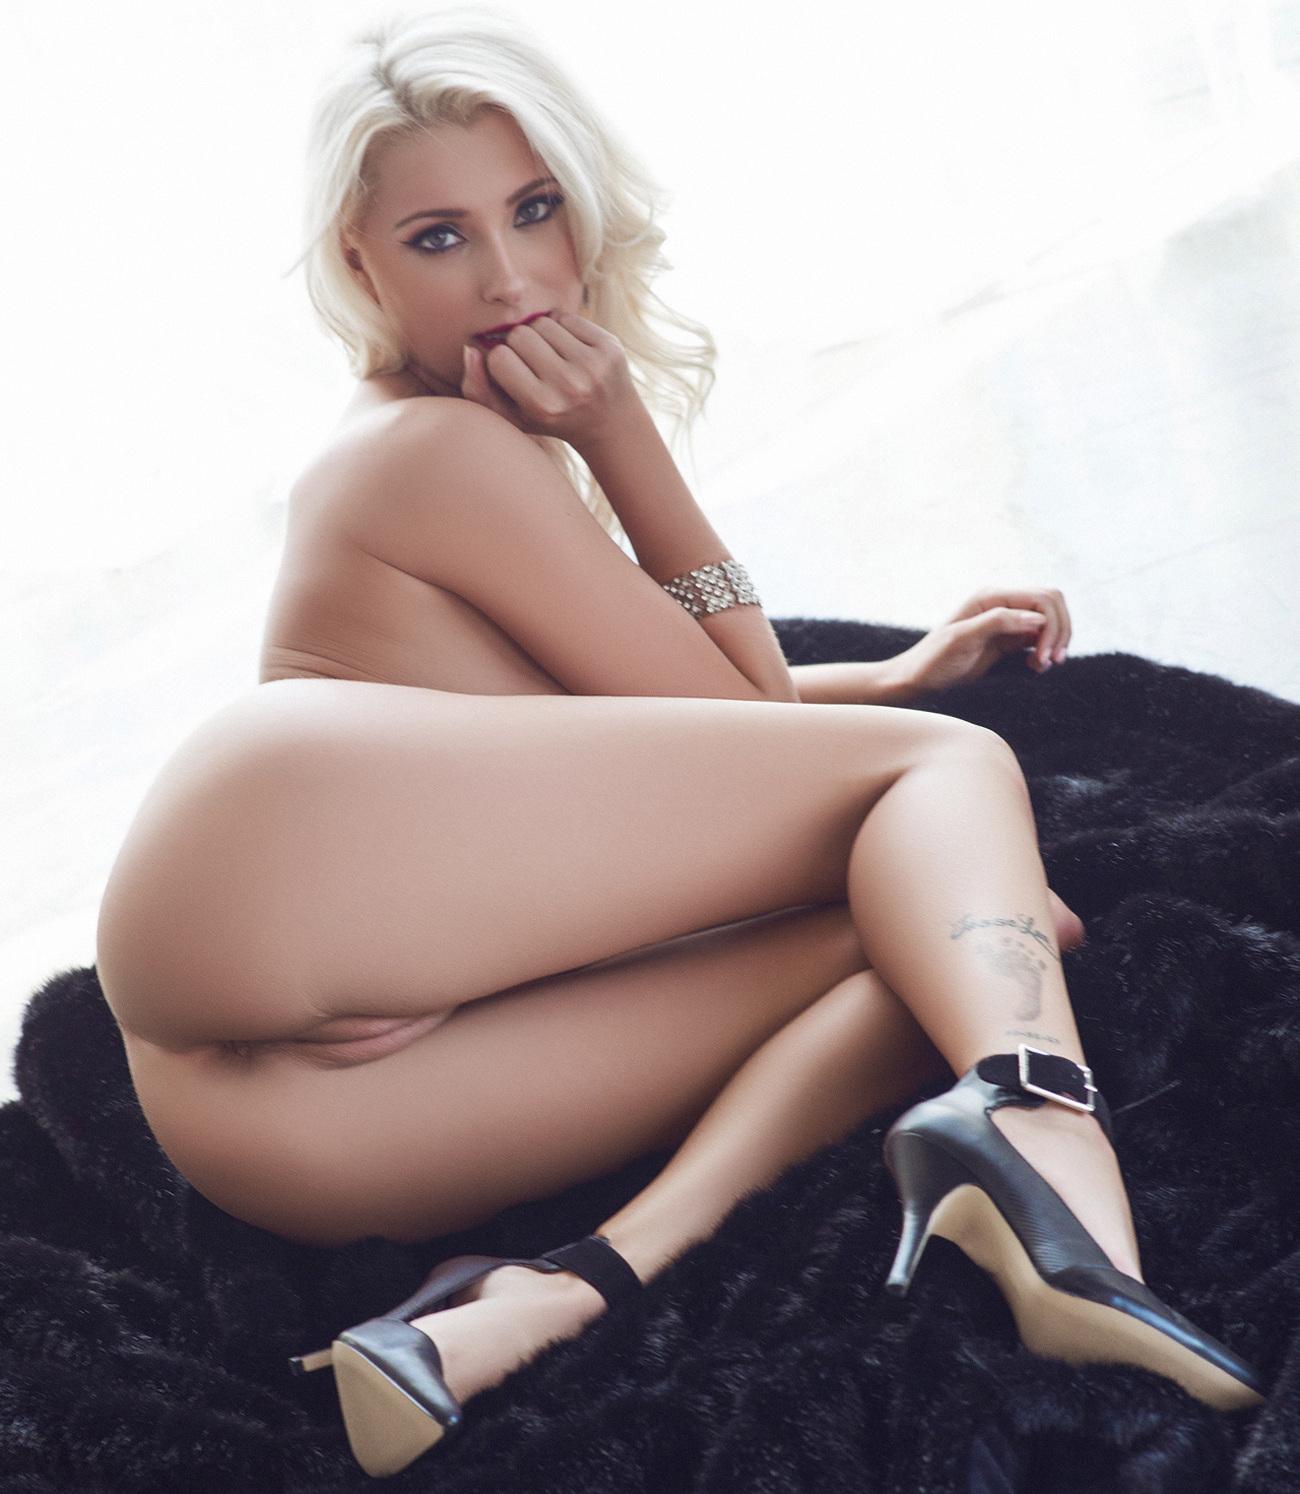 Alissa Porn Pics alissa arden porn pic - eporner